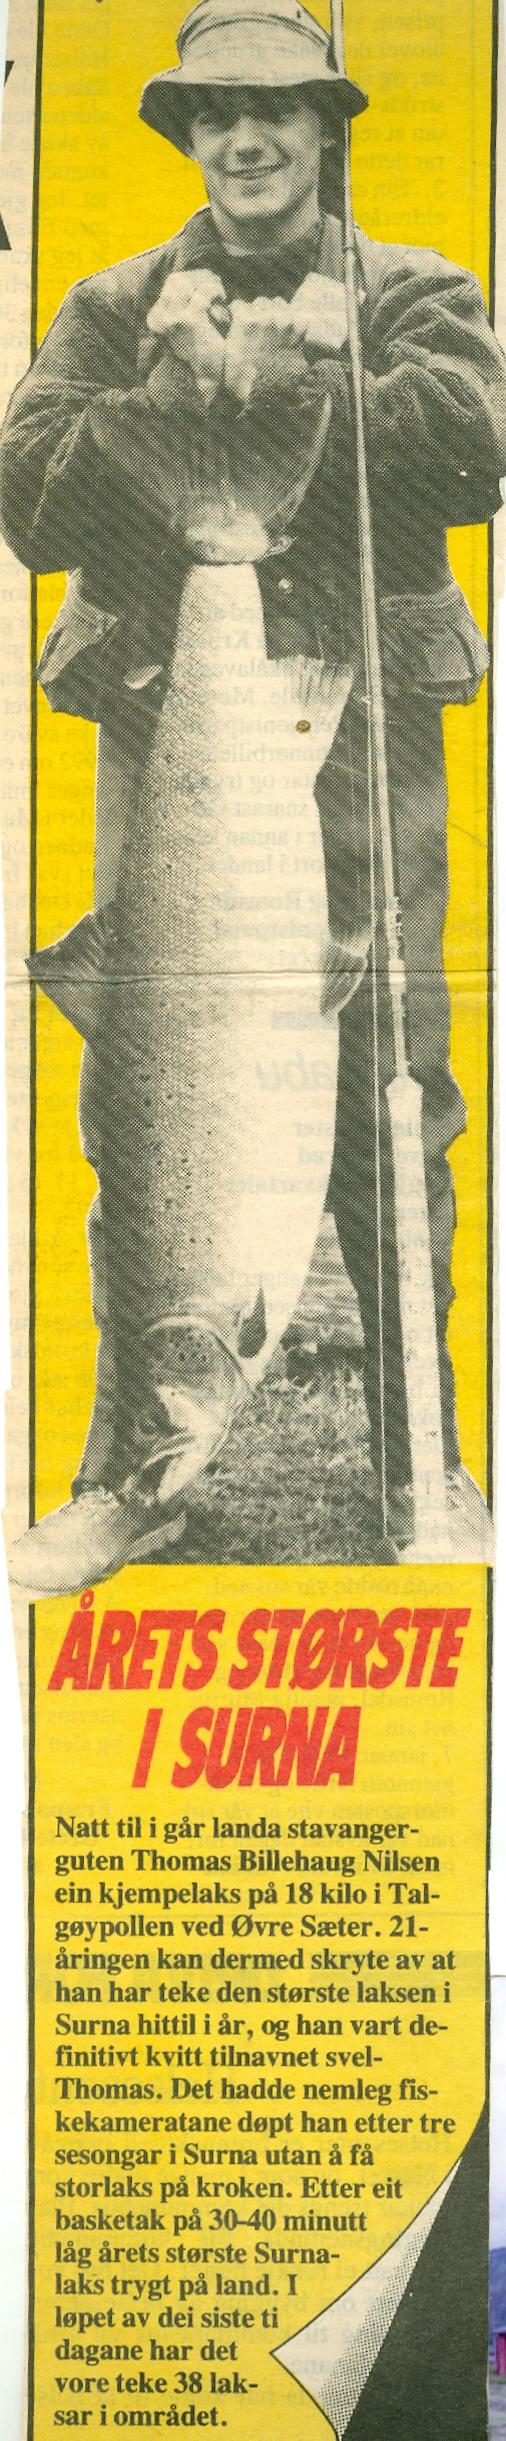 1992 rep bilder C smal0001.jpg